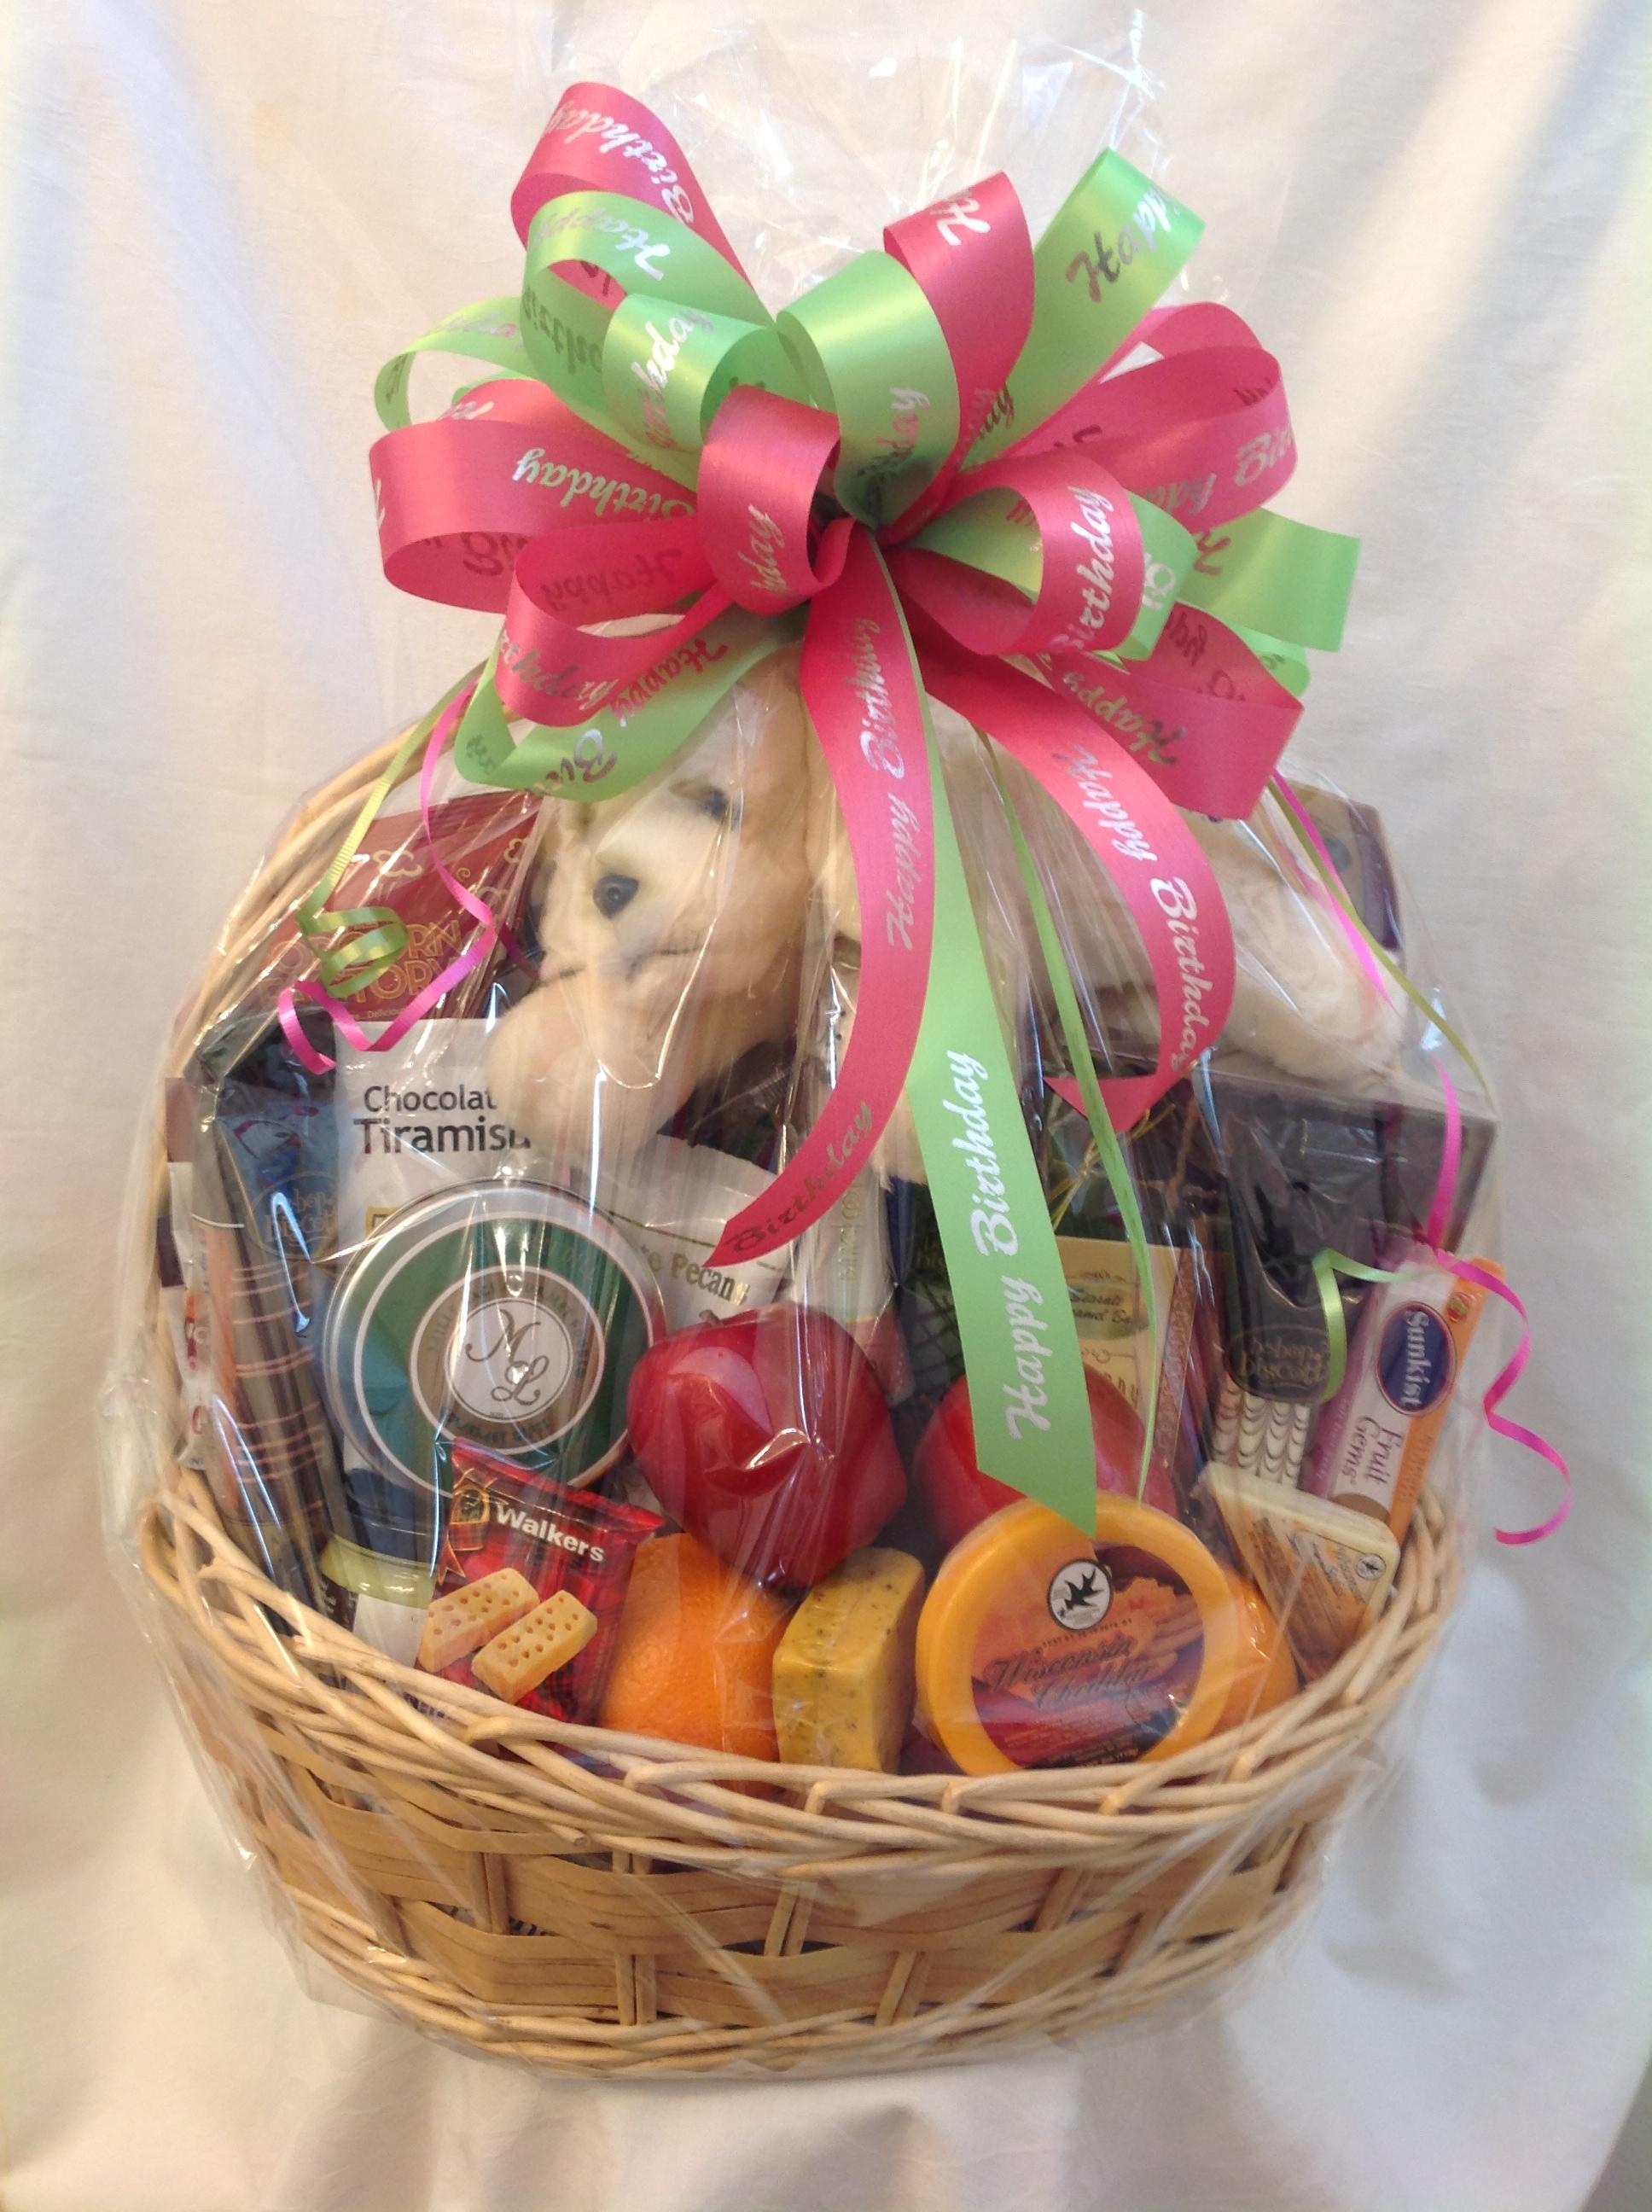 Birthday Celebration Gift Basket - Sunshine Baskets